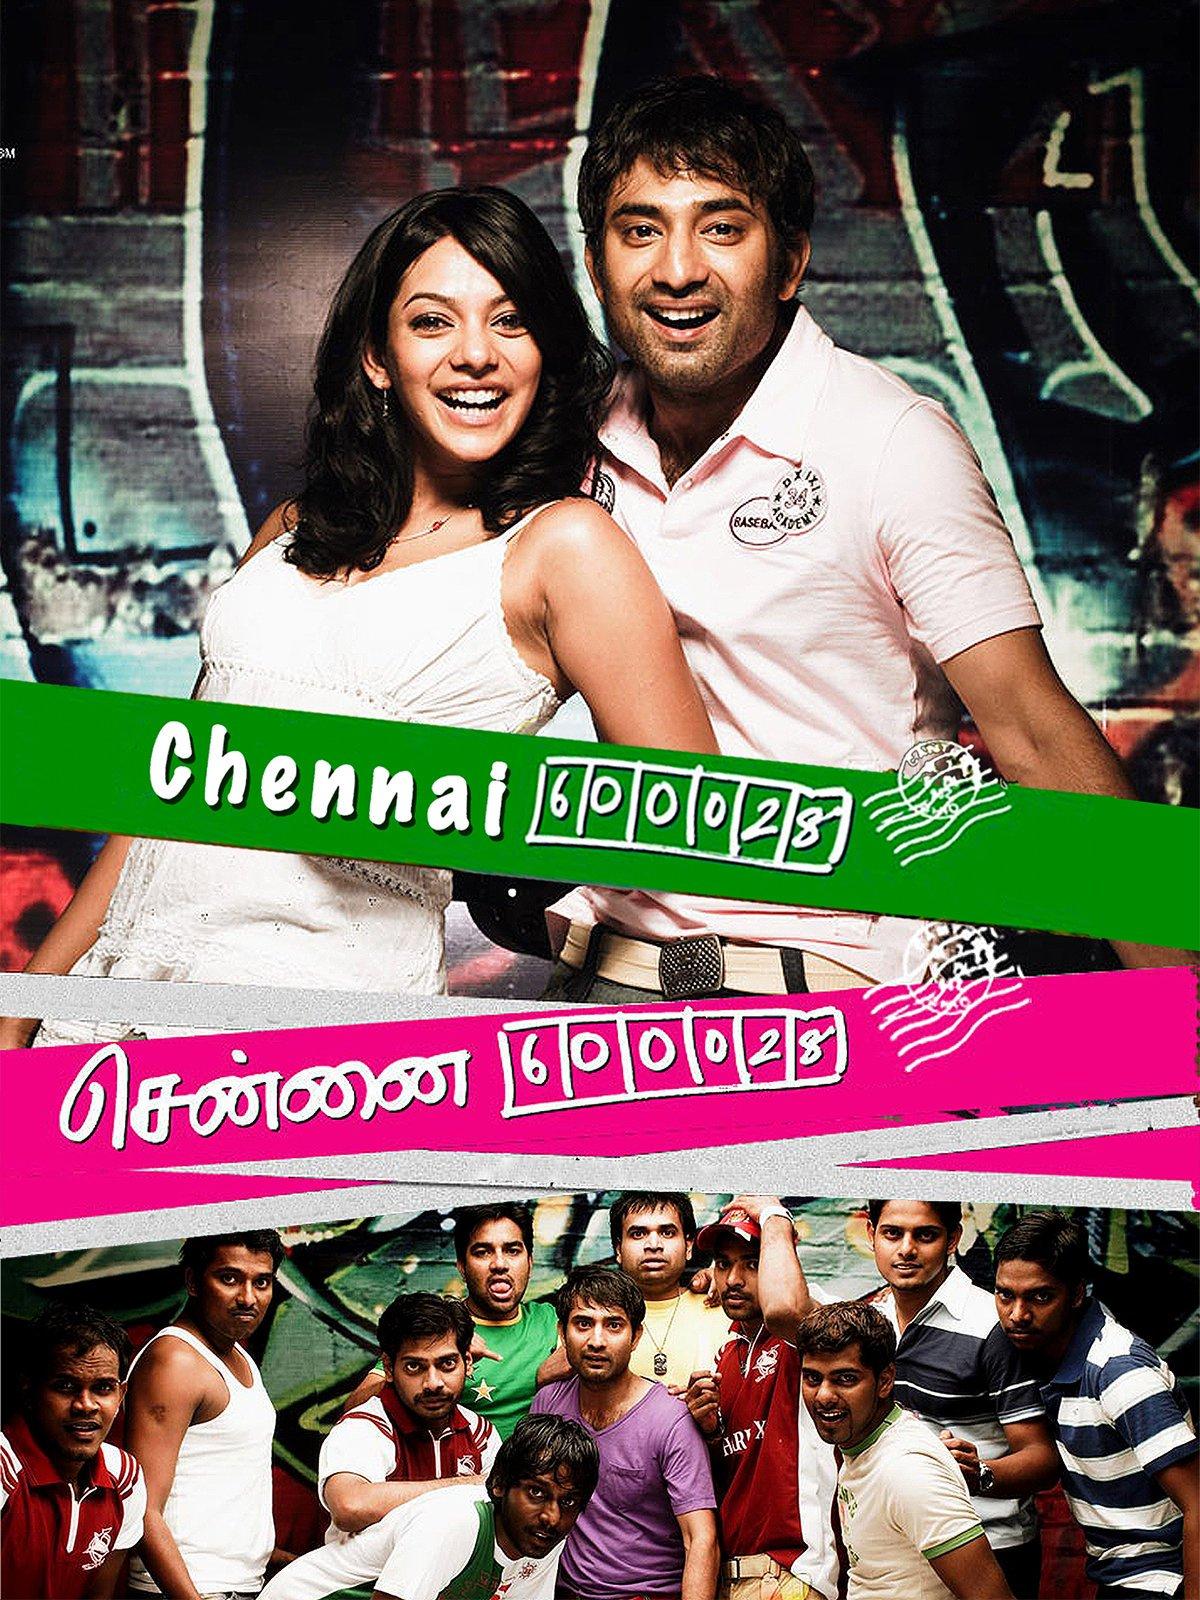 Chennai 600028 (2021) Hindi Dubbed 480p HDRip x264 AAC 600MB Download